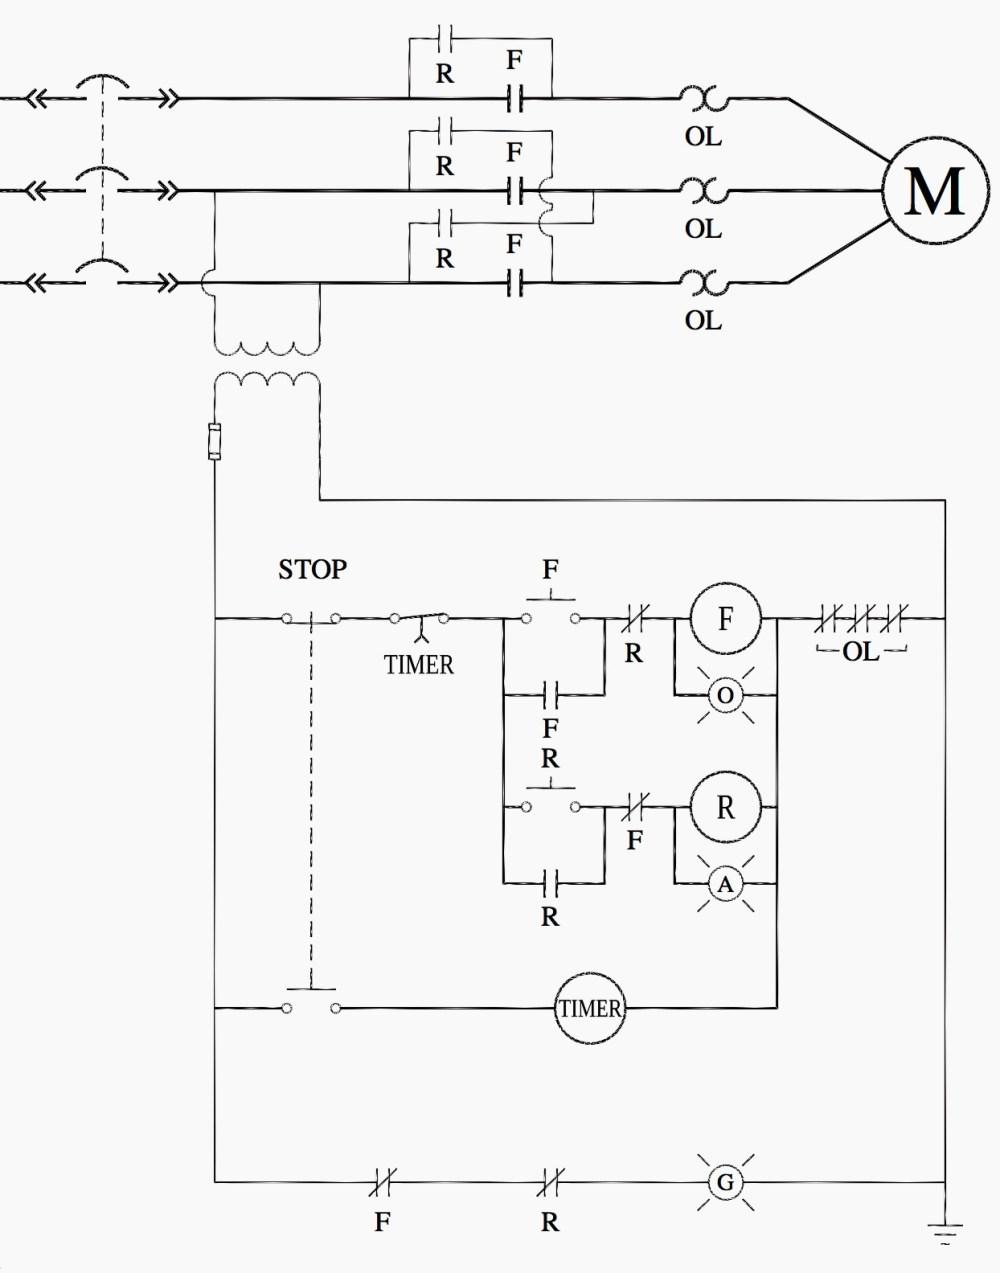 medium resolution of motor starter wiring diagram start stop relay ladder wiring diagram inspirationa motor starter wiring diagram